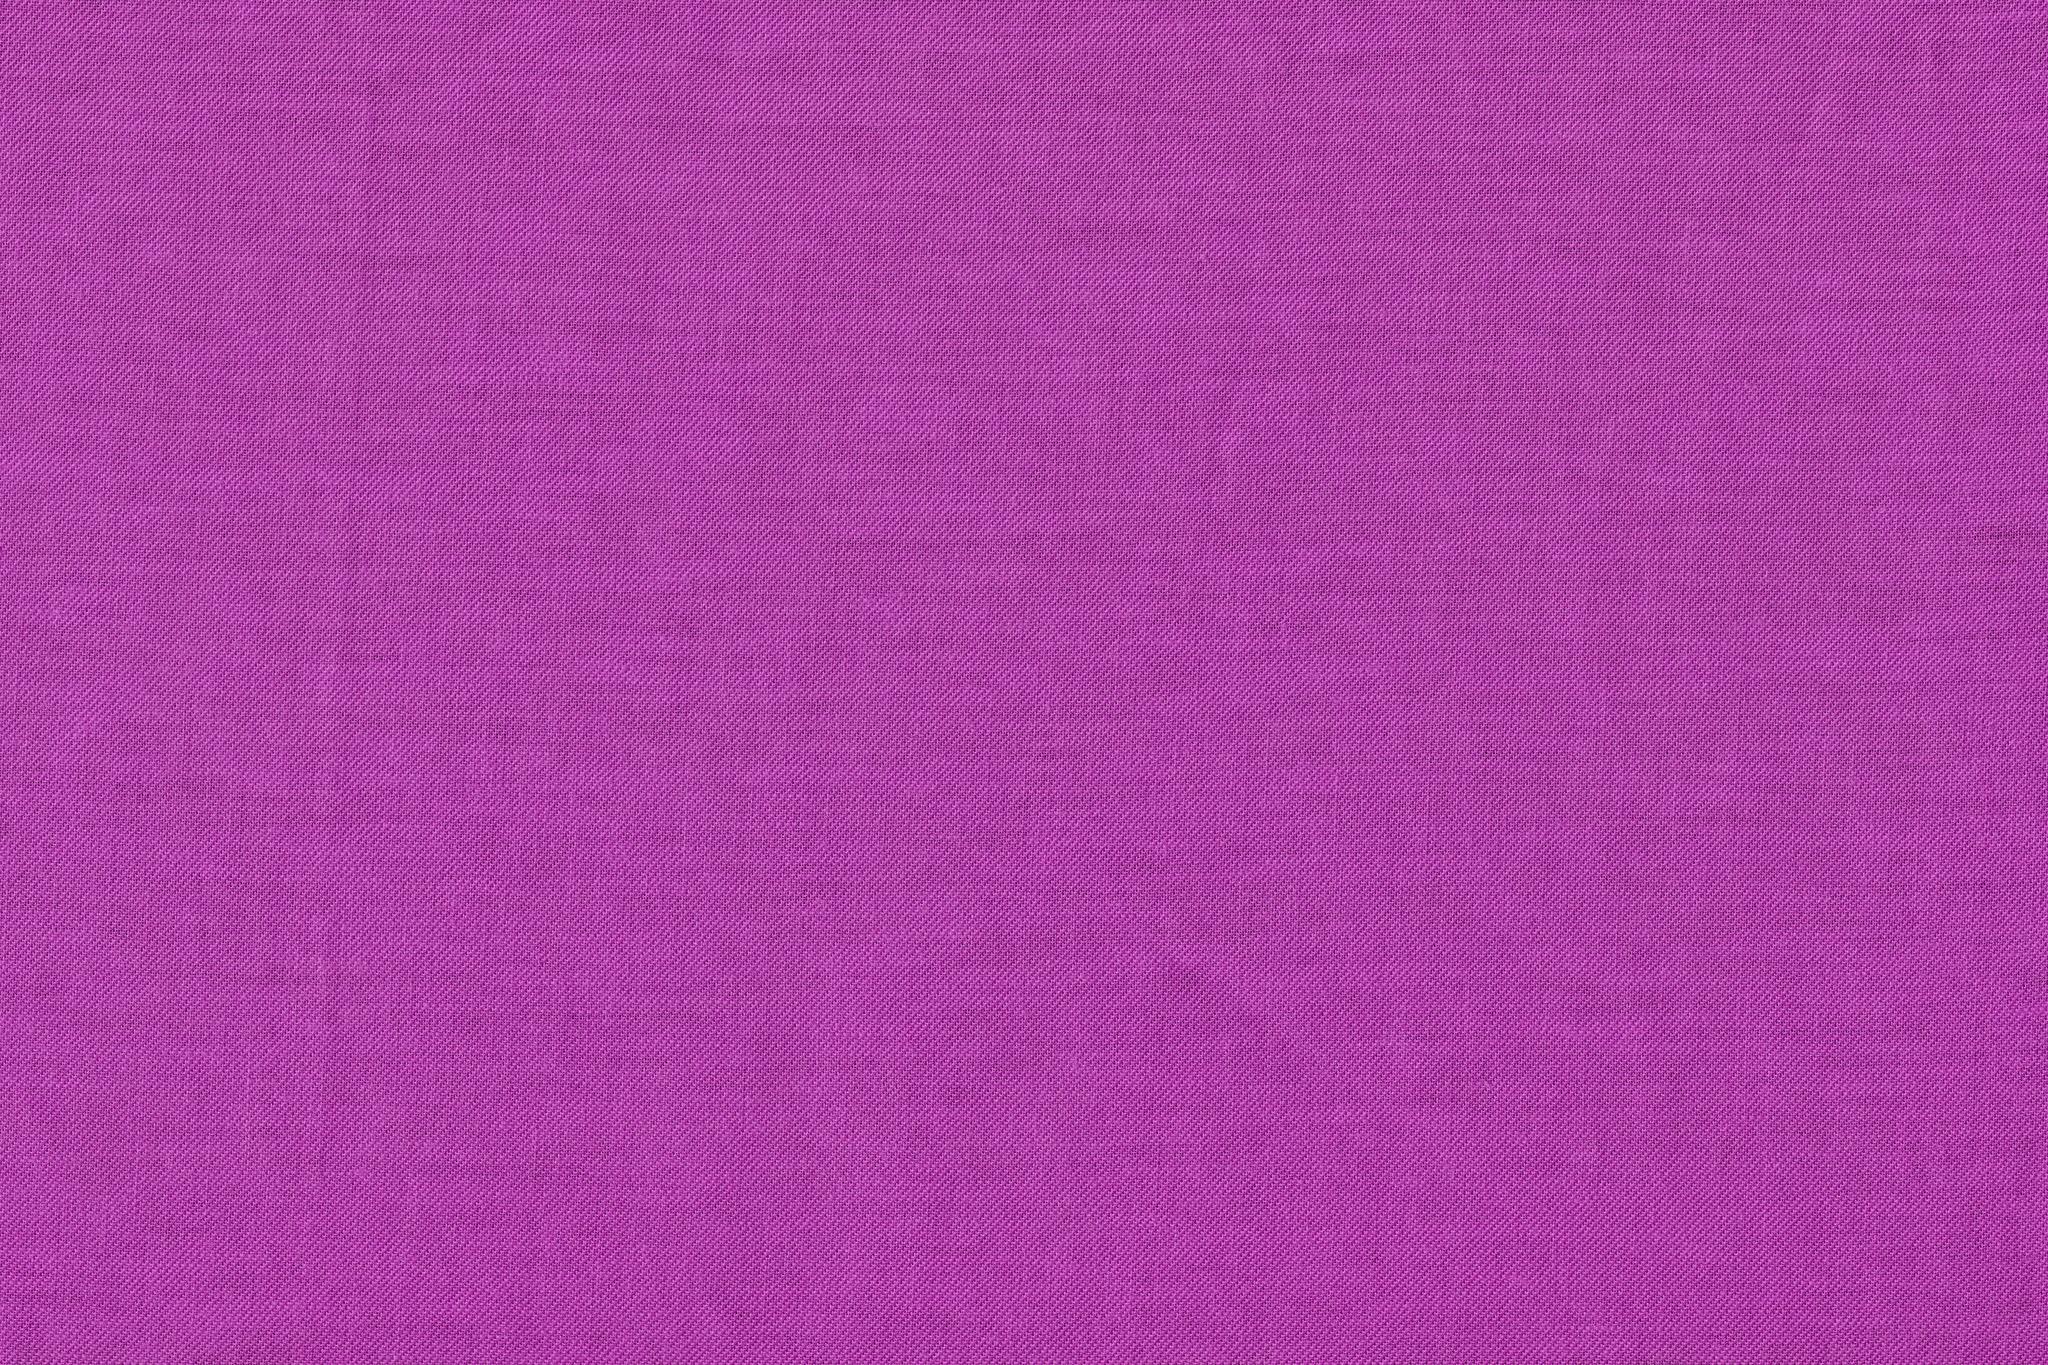 「赤紫色の布地」